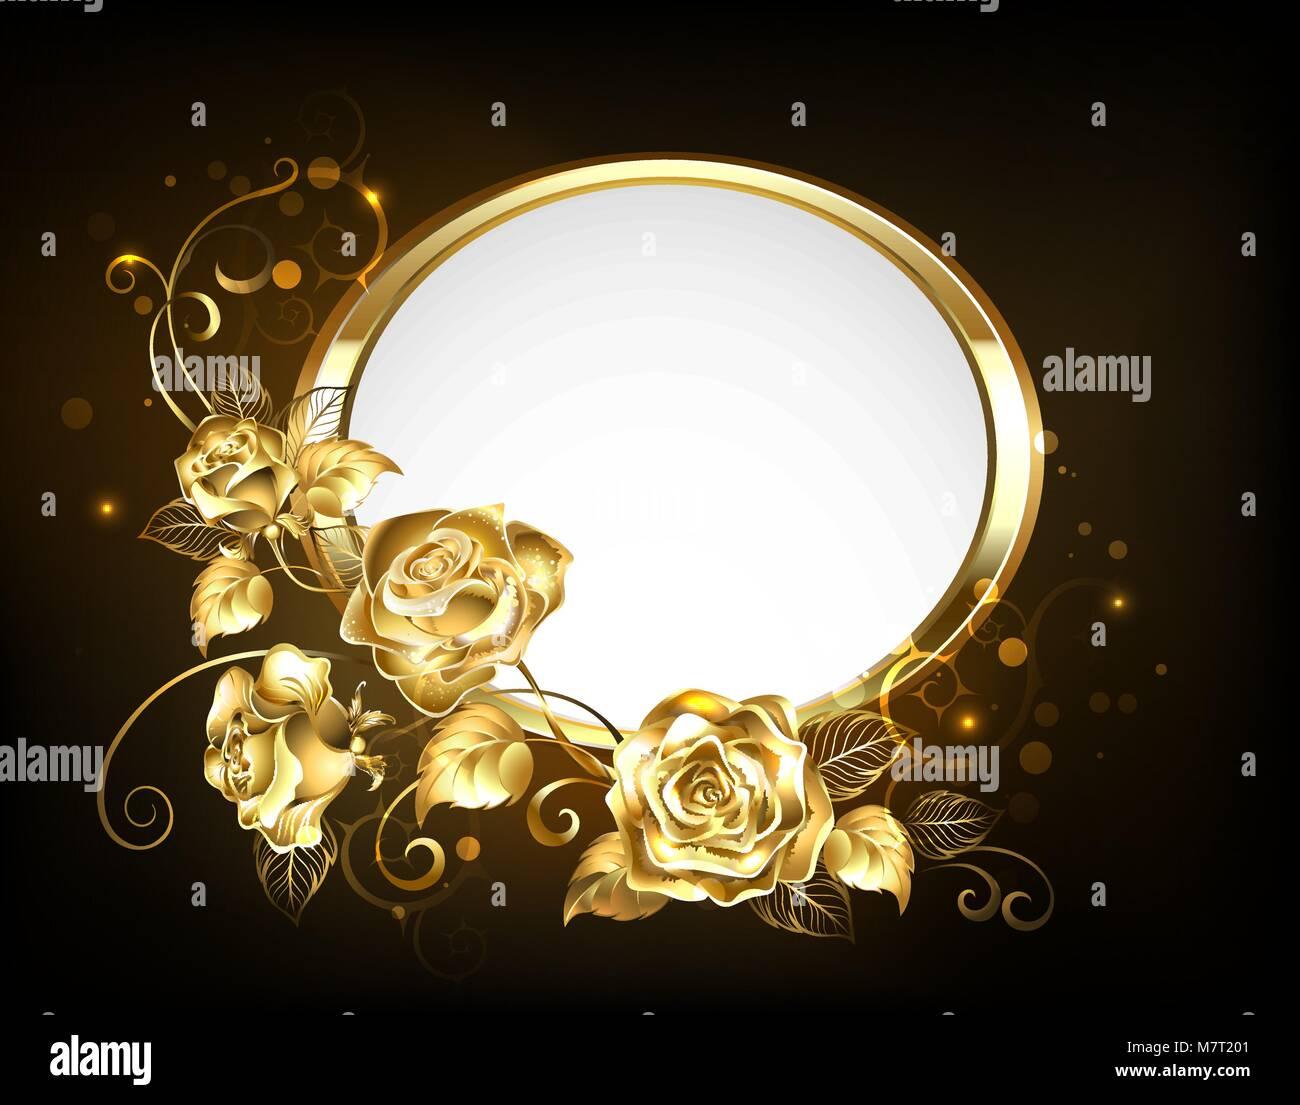 Banner Oval con marco dorado adornada de oro, piedras preciosas ...